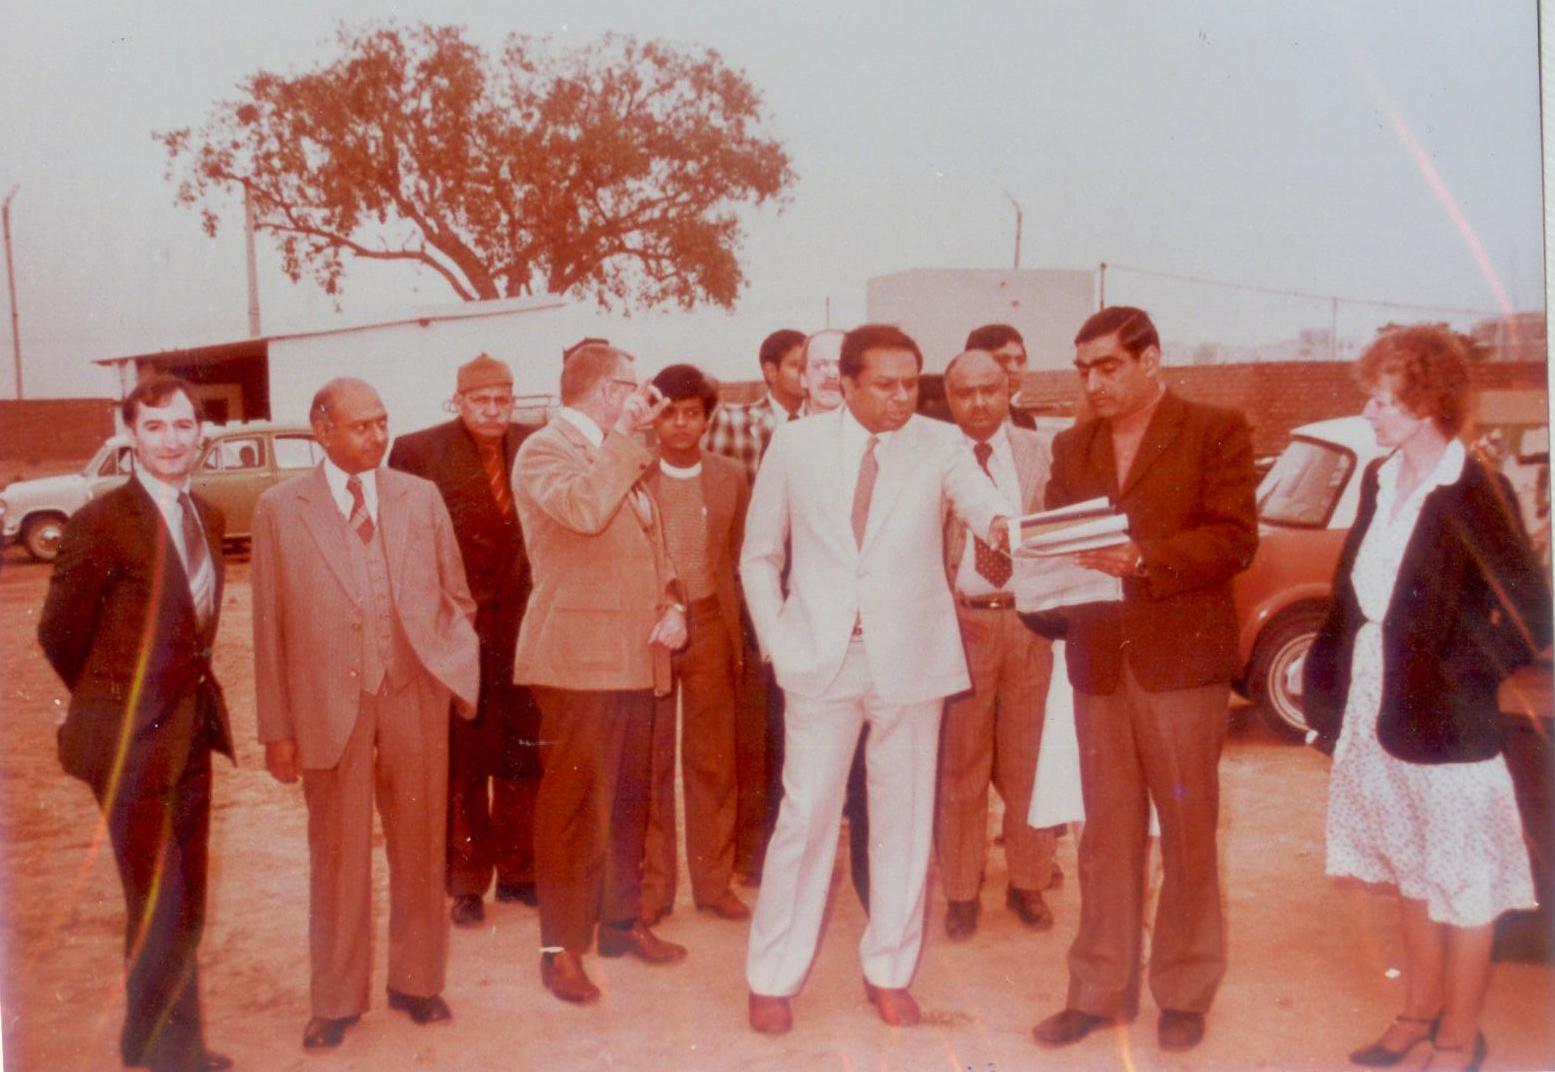 Dr. M at the Modi Alcatel manufacturing plant in Modinagar India